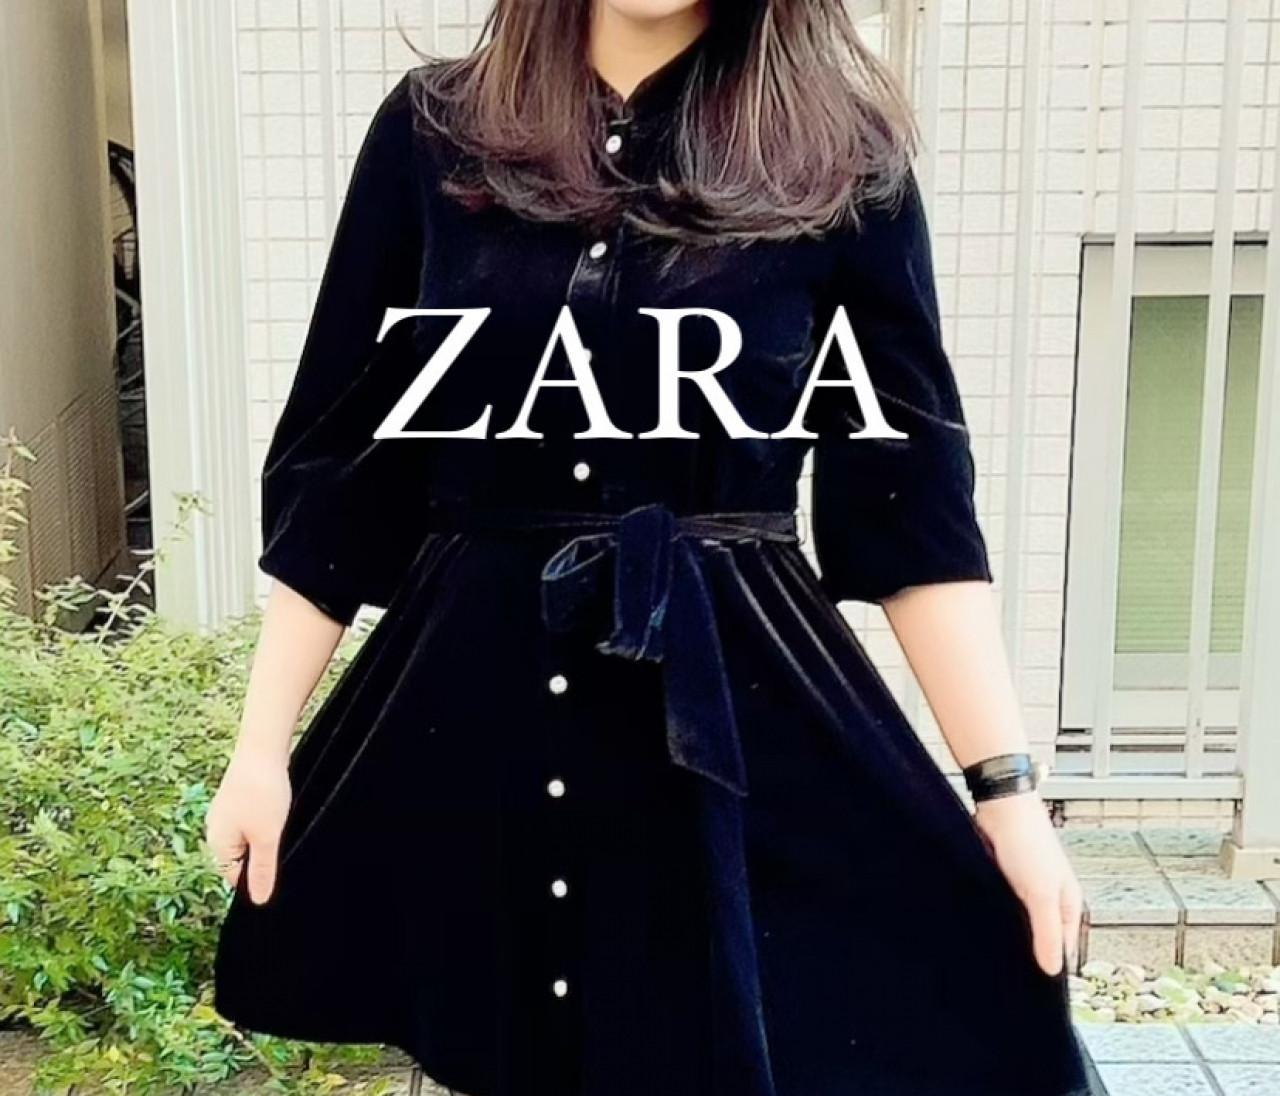 【ZARA】冬物チェックした?プチプラでかわいい戦利品!②